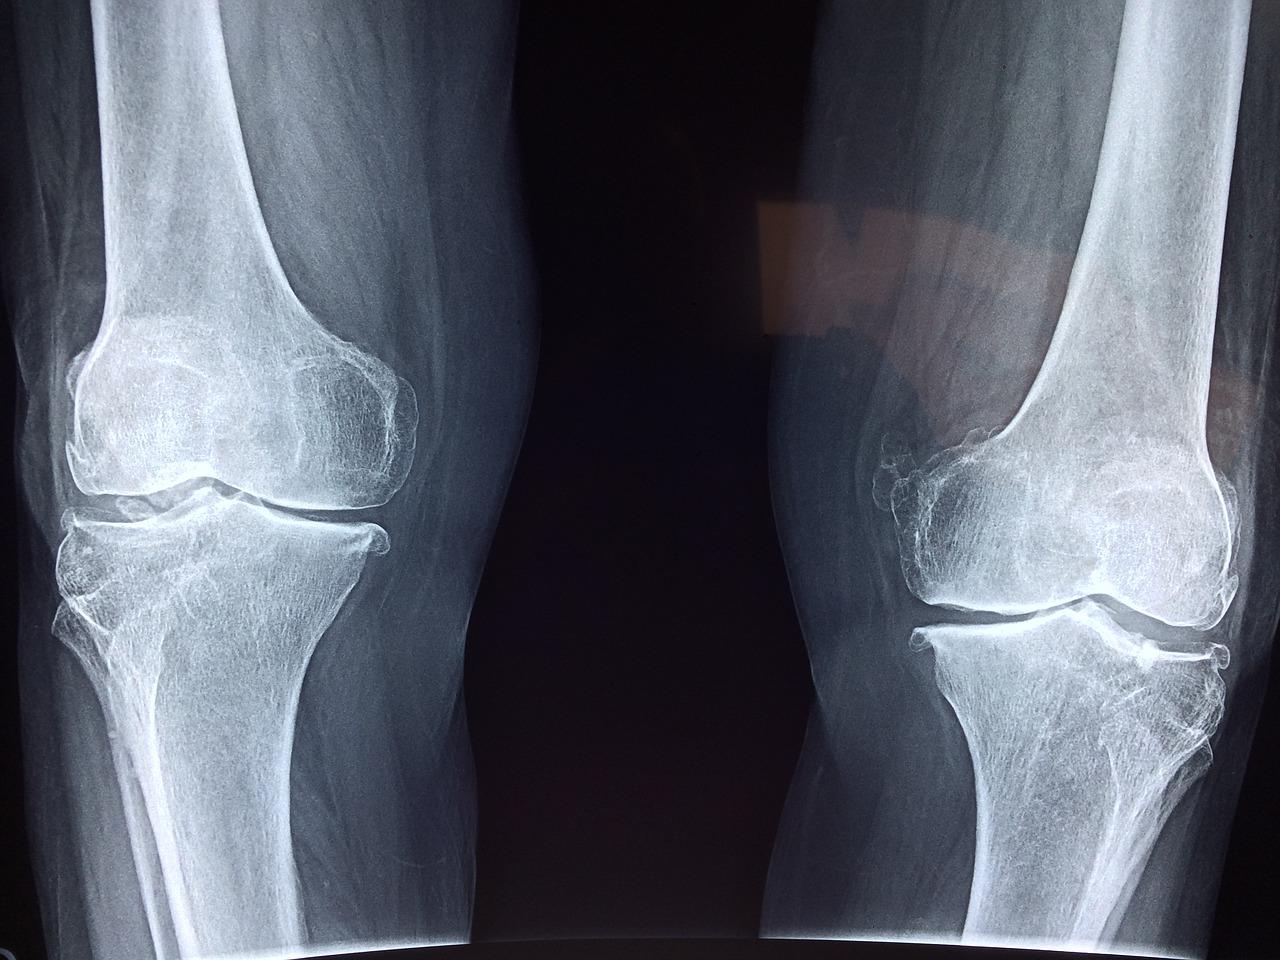 La paire de chaussettes rayons X